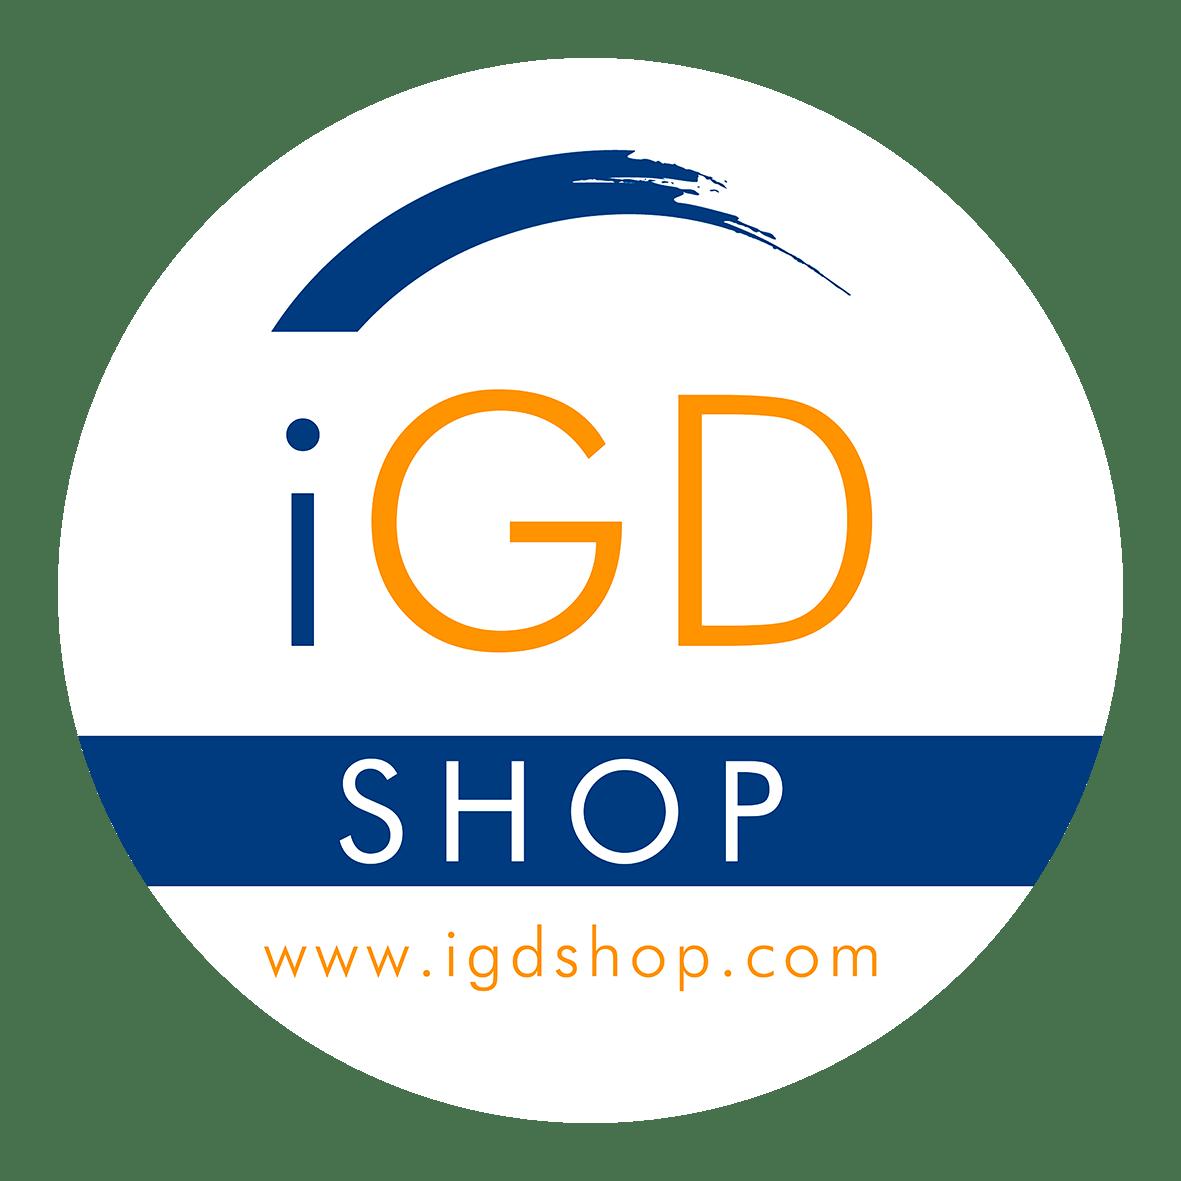 iGD Shop